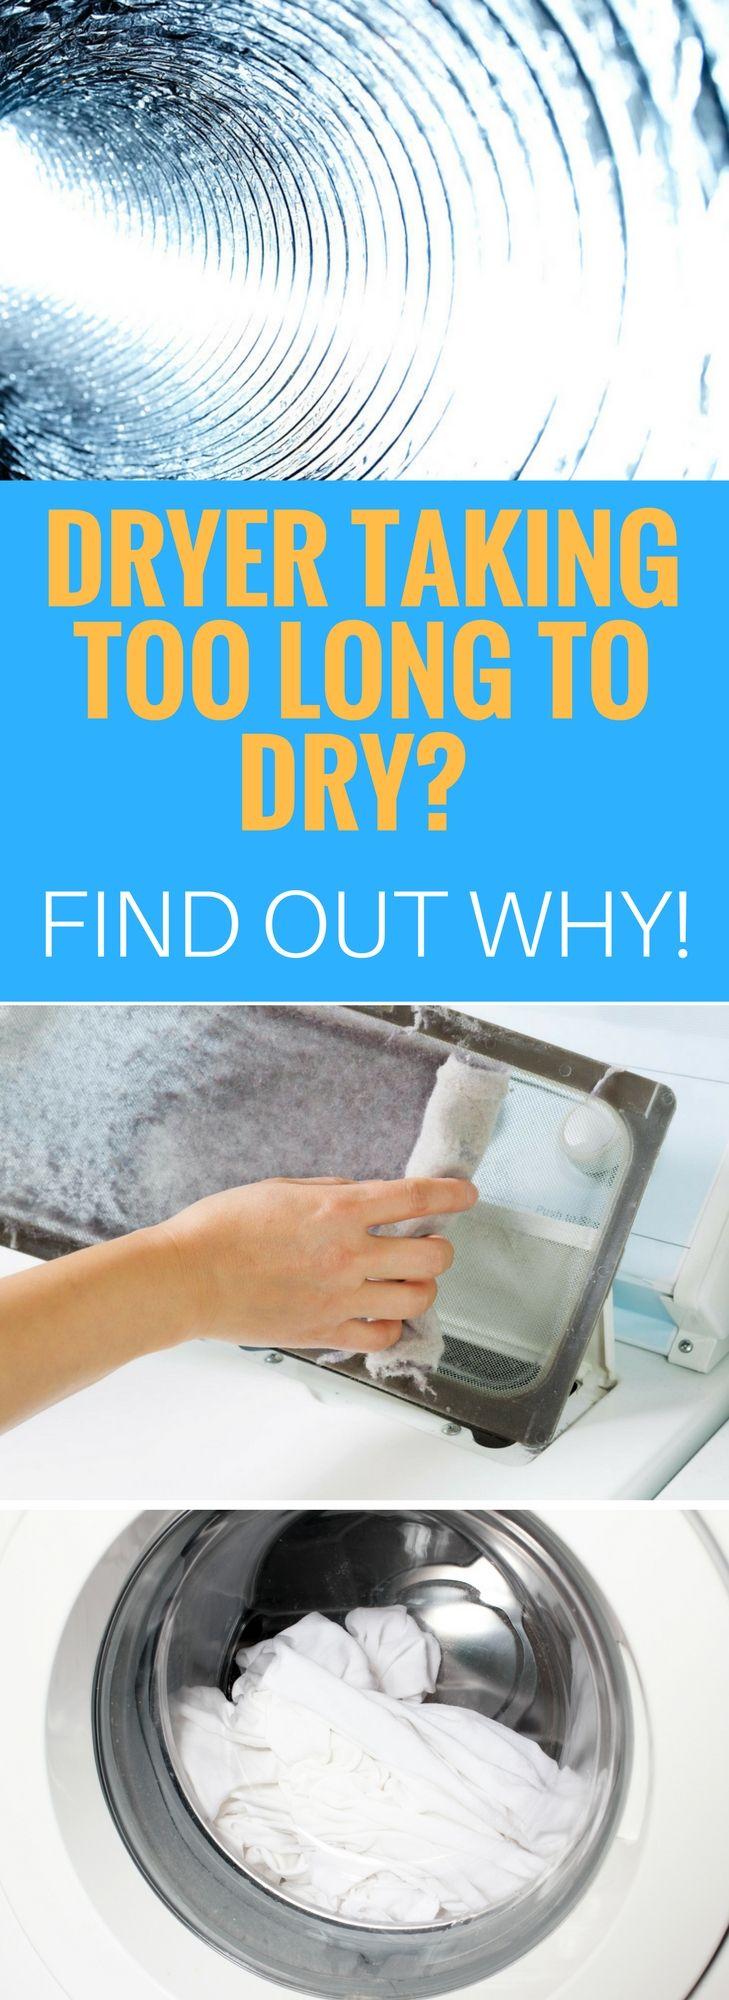 Dryer Venting 101 | Dryer, Keep it cleaner, Appliance repair